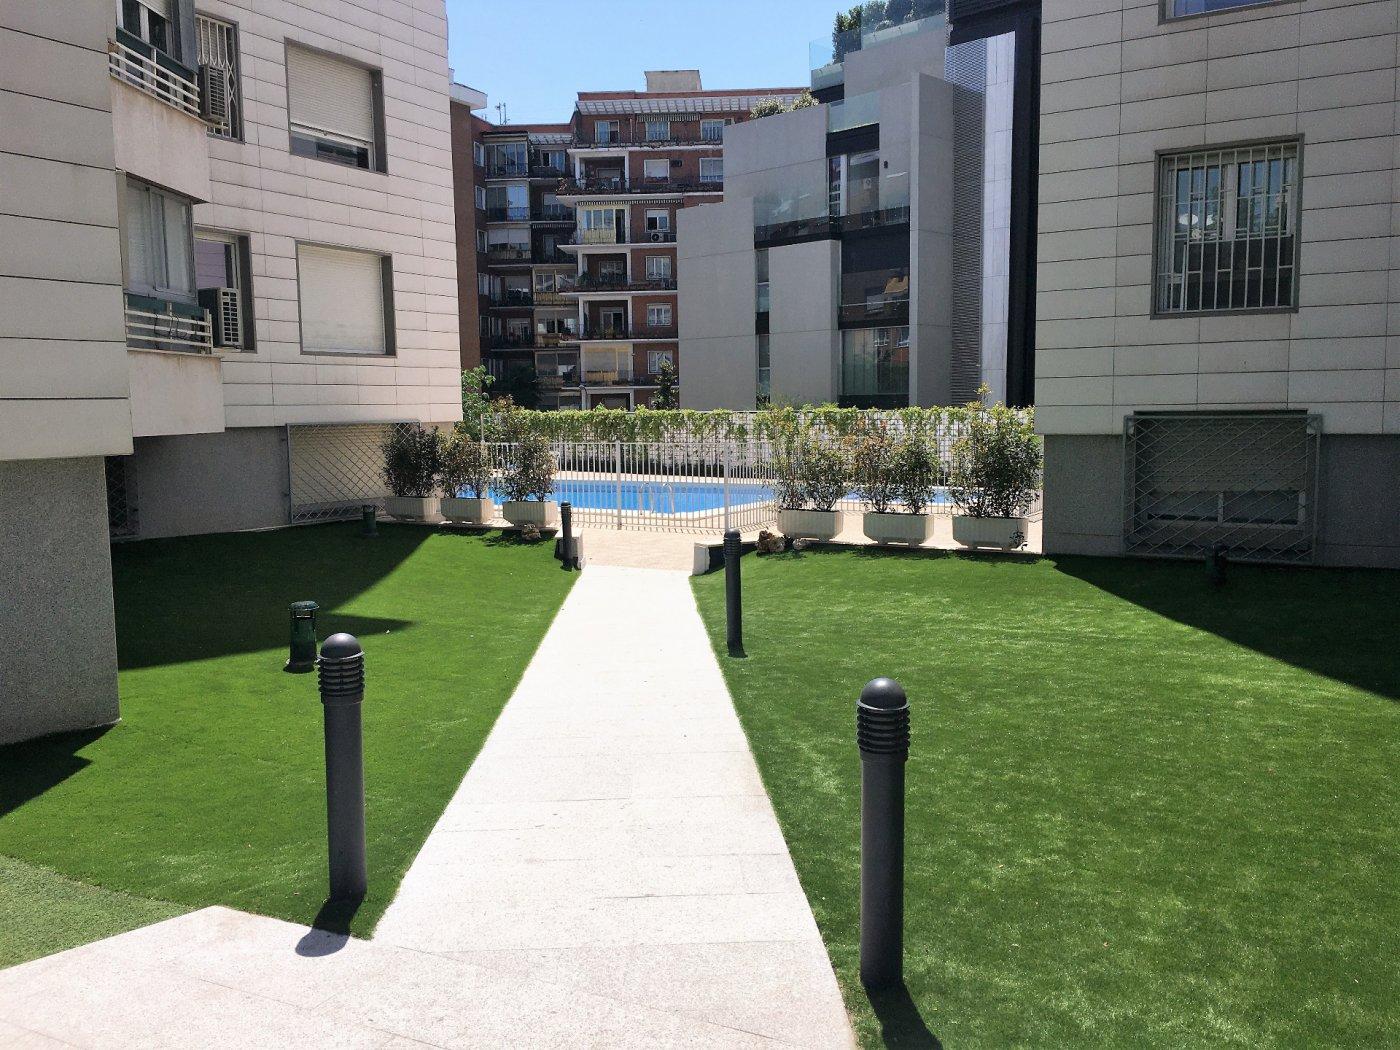 Alquiler de piso en madrid - imagenInmueble24